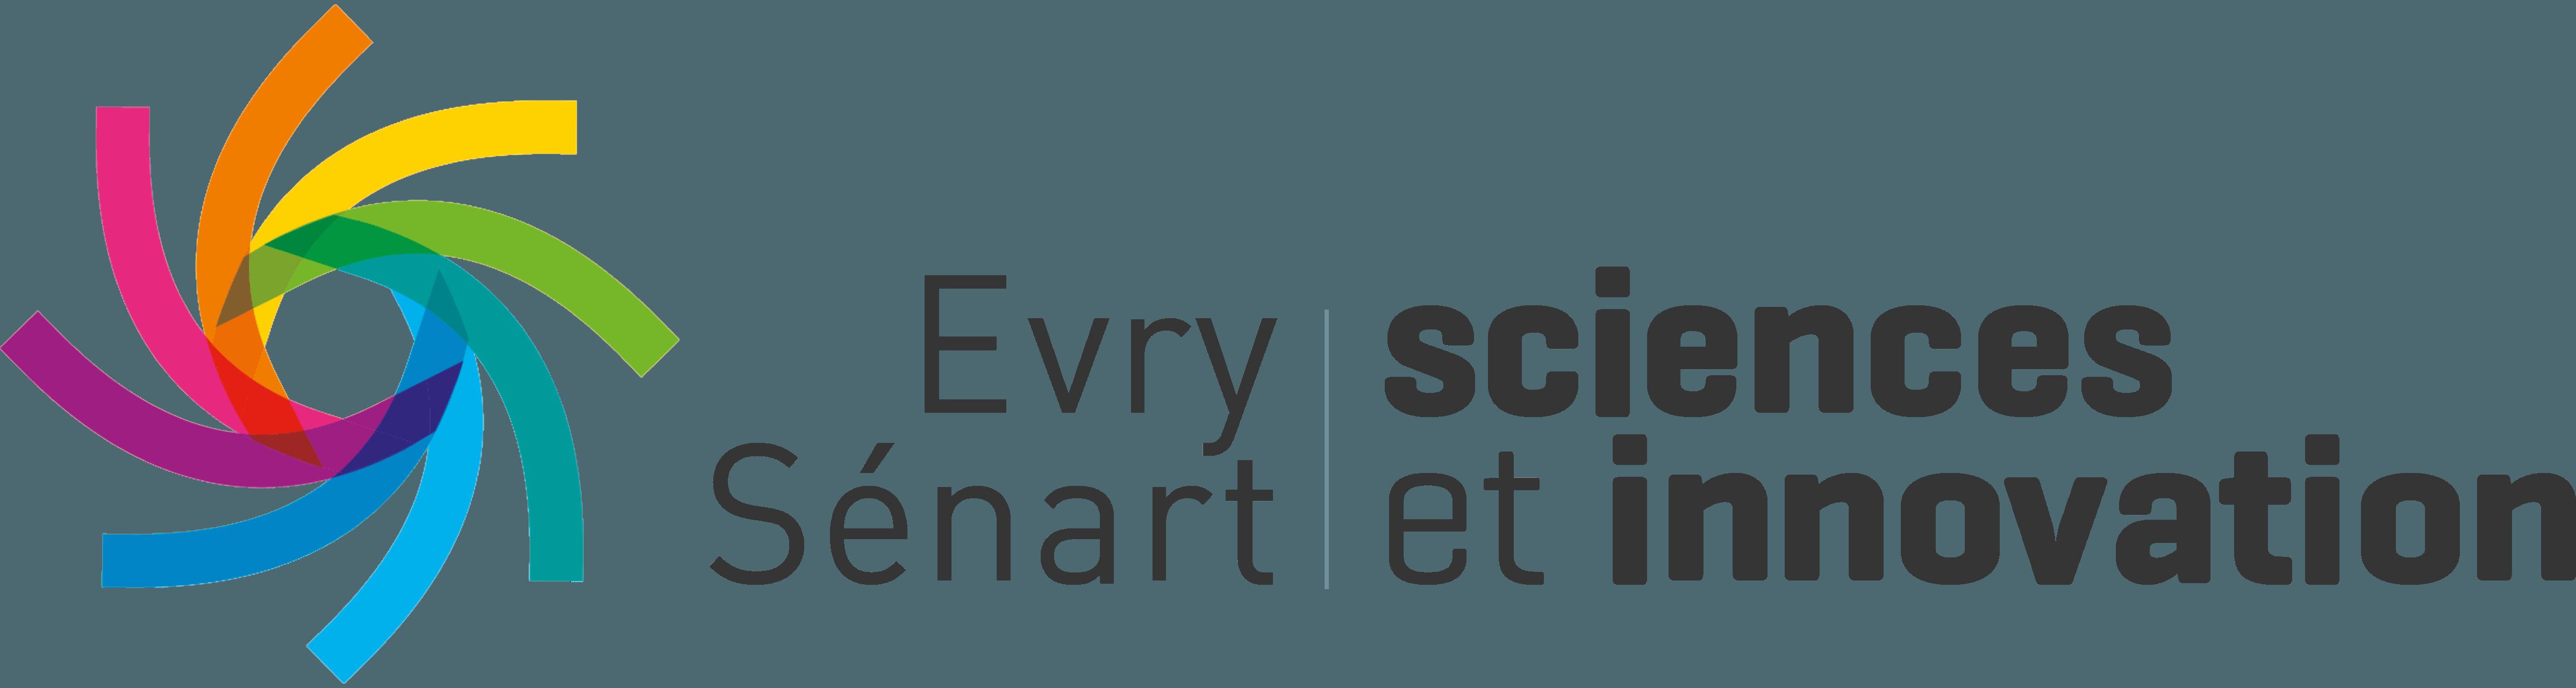 Evry Senart Science et Innovation Logo